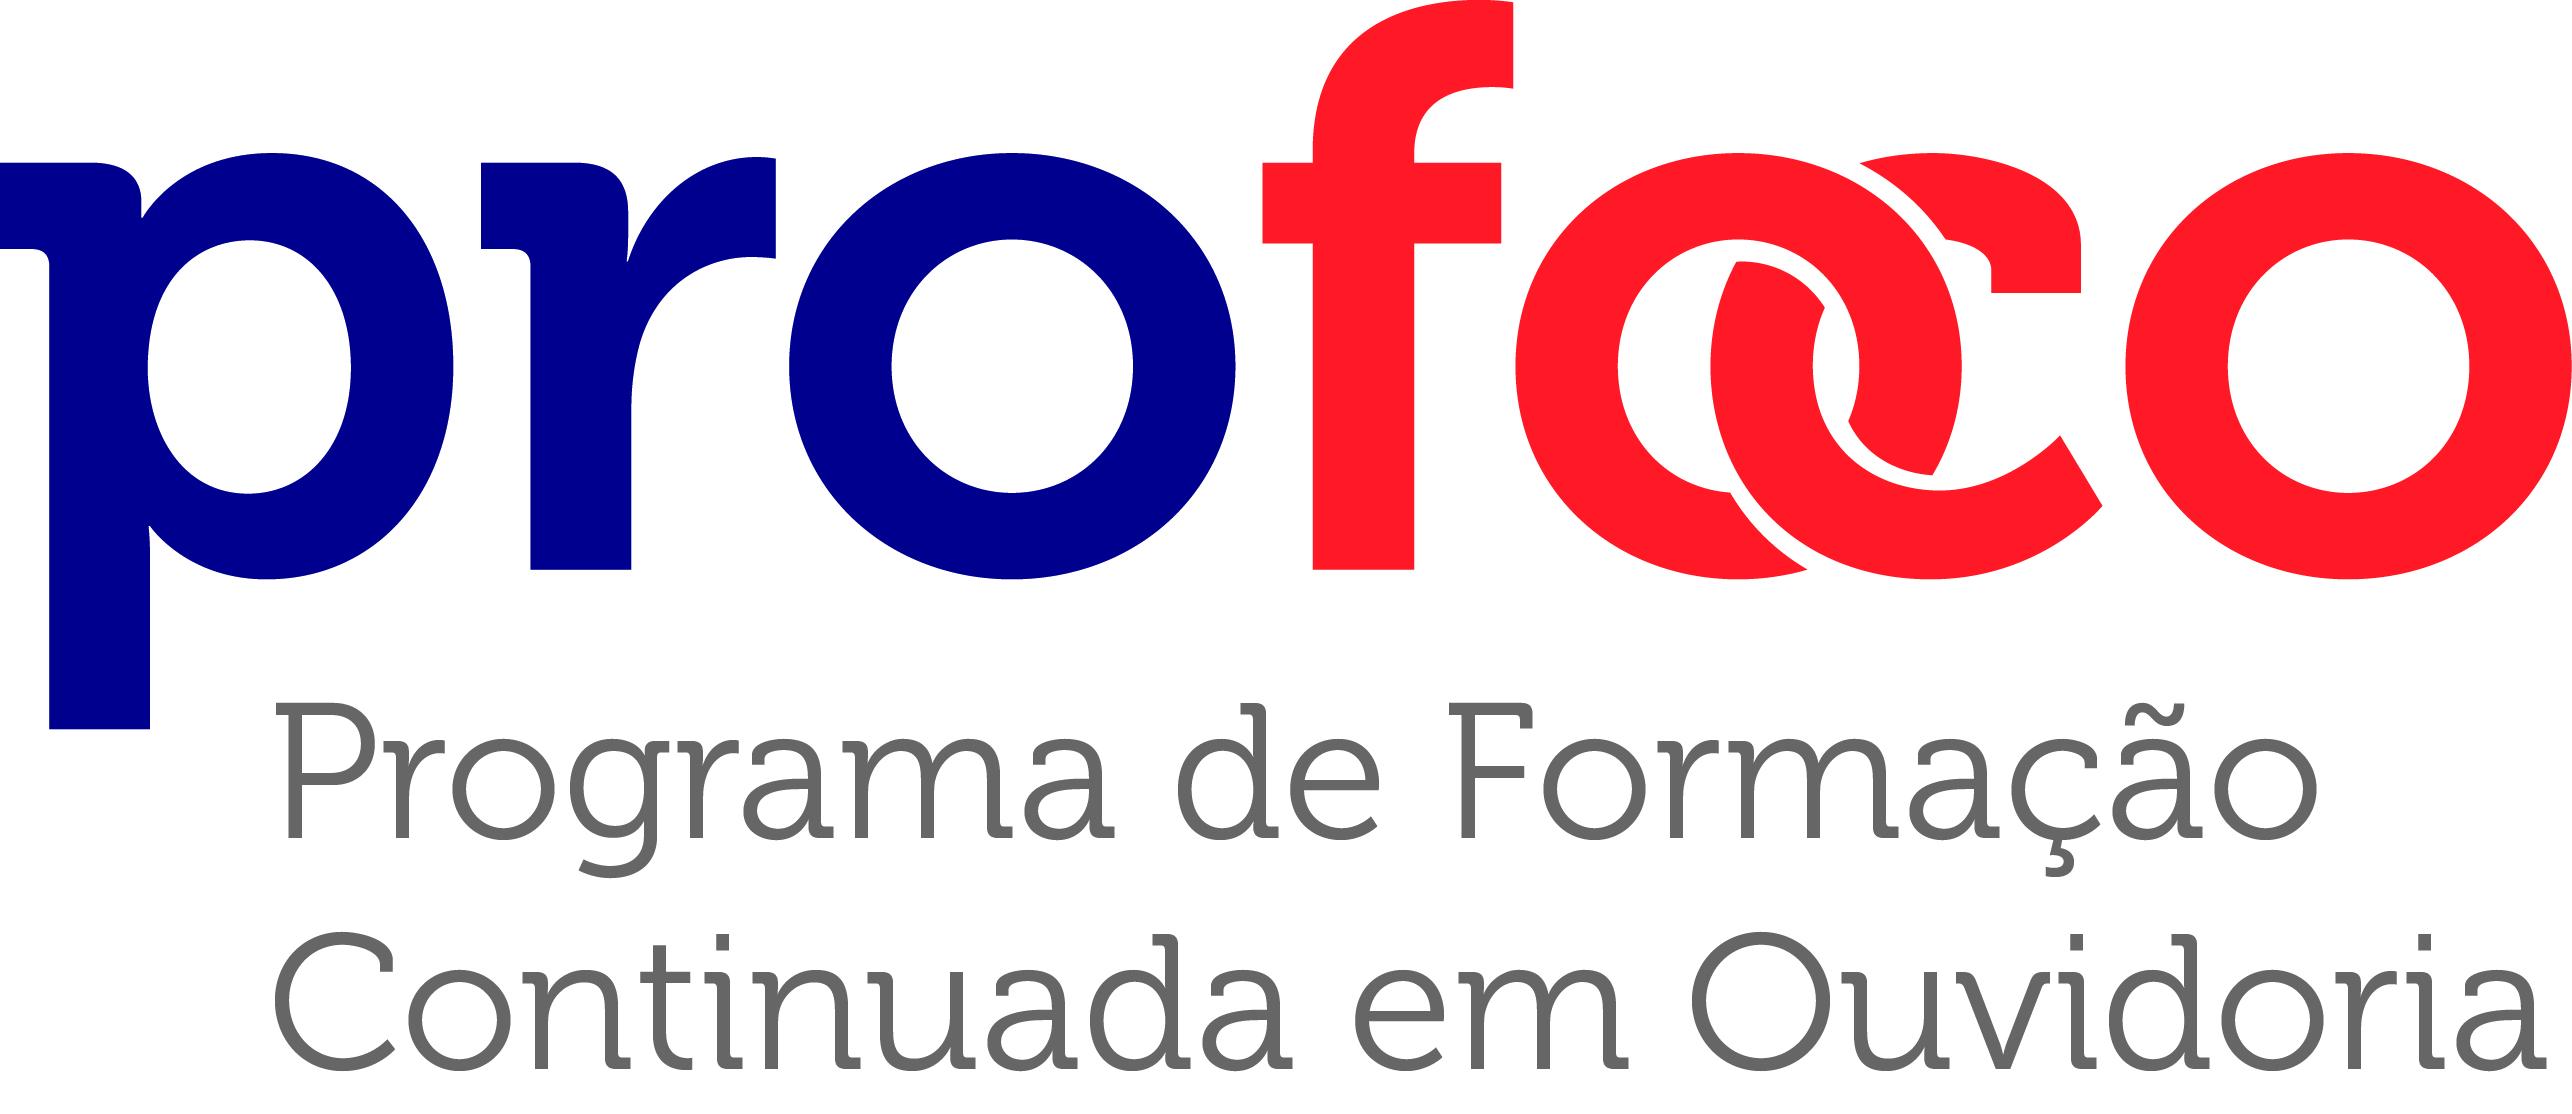 Curso Tratamento de Denúncias em Ouvidoria, no período de 12 a 14 de setembro de 2018, no TCE/TO, na cidade de Palmas/TO